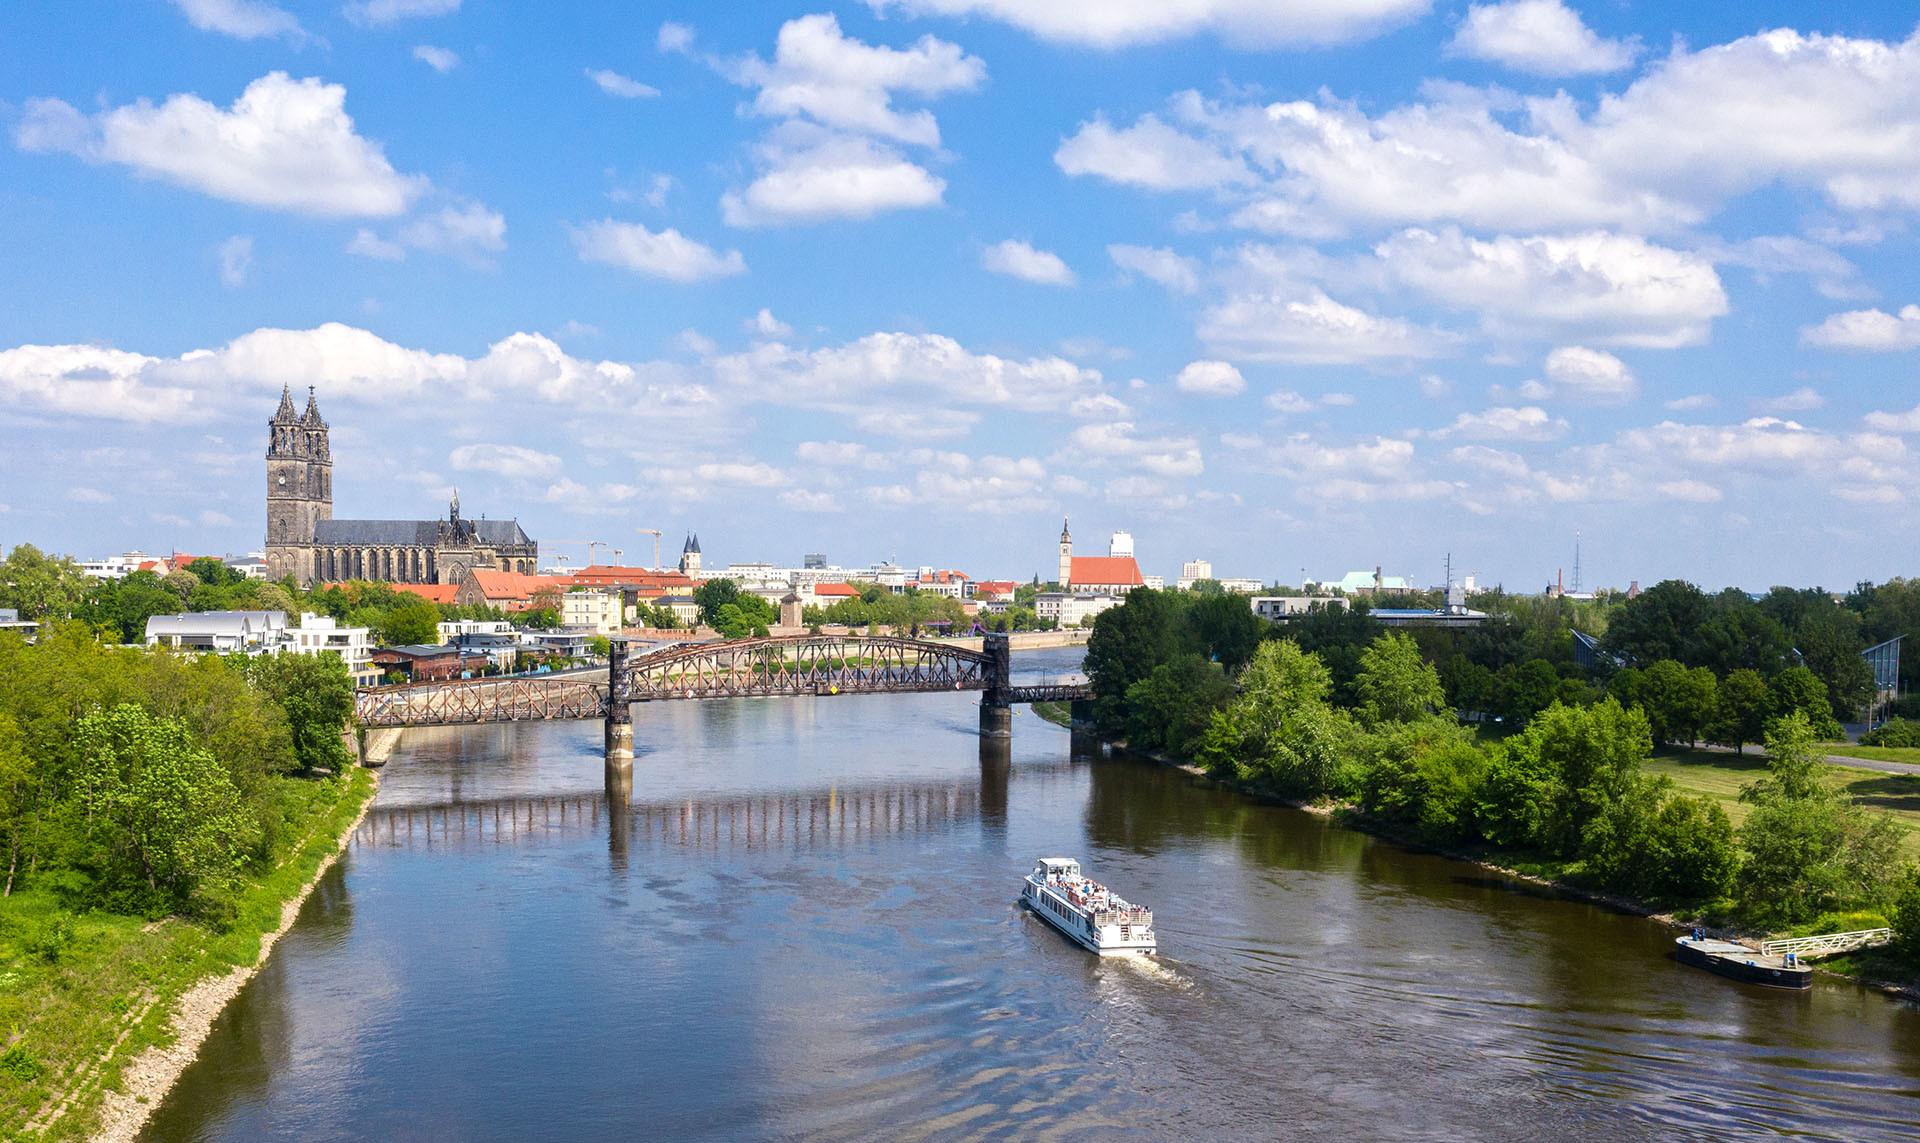 Hubbrücke Luftaufnahme Panorama